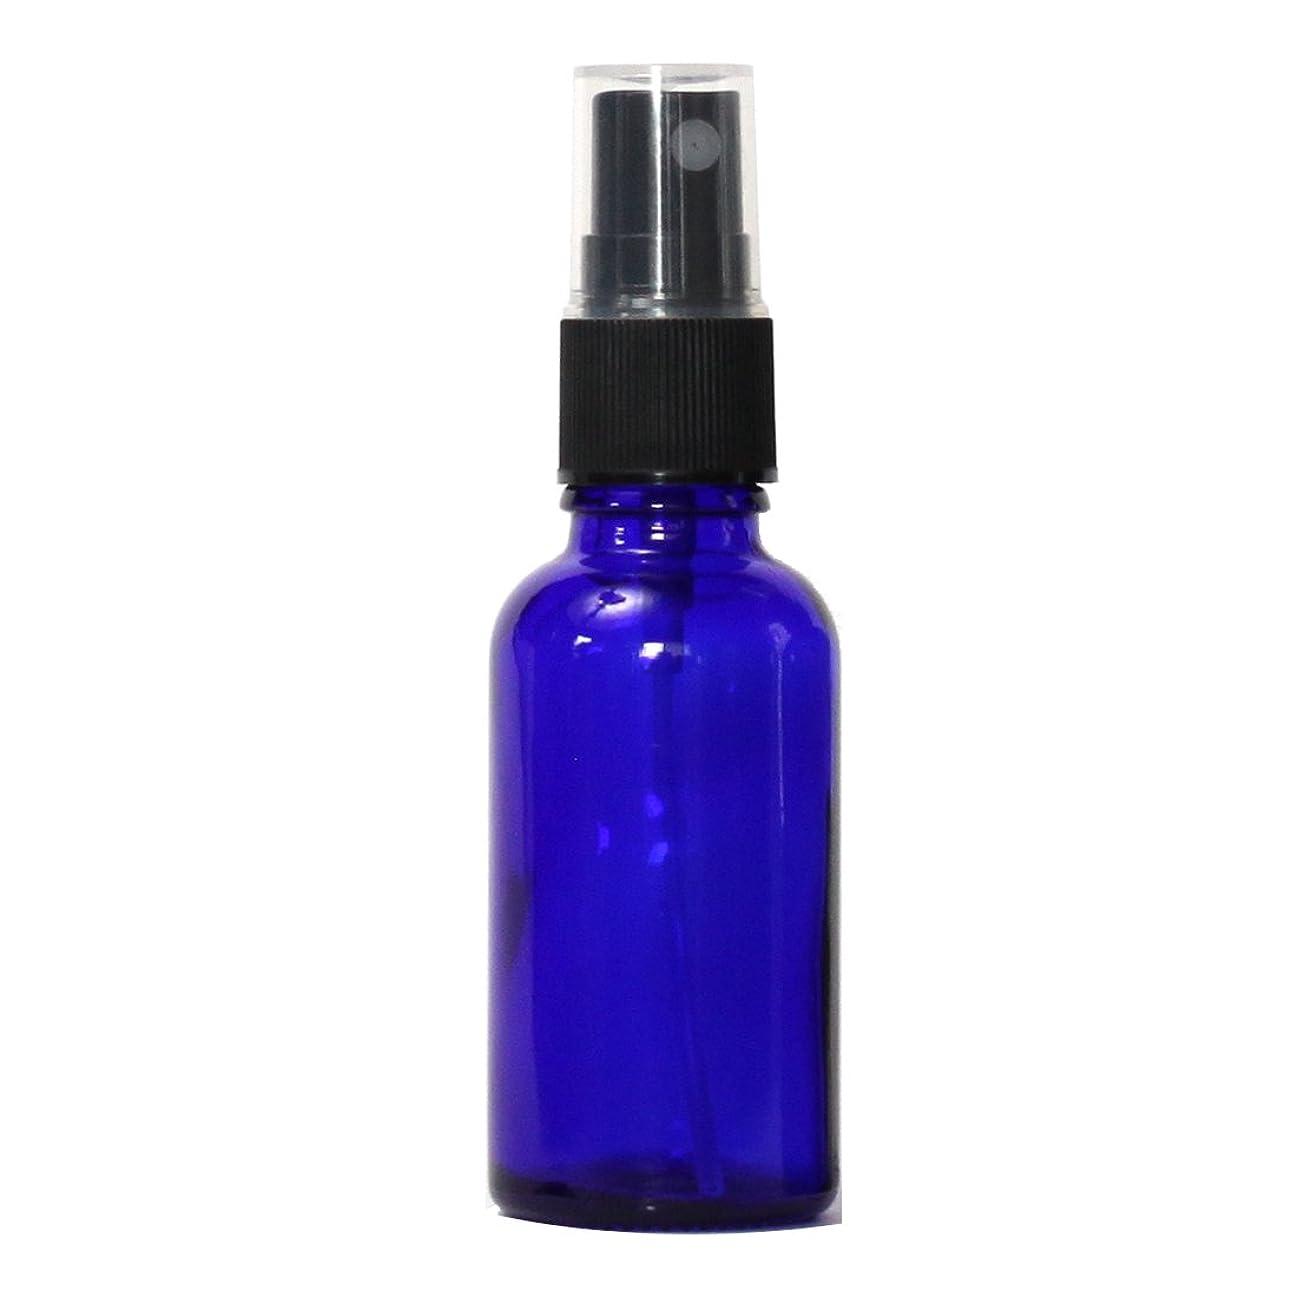 老朽化したウールコマンドスプレーガラス瓶ボトル 30mL 遮光性ブルー おしゃれガラスアトマイザー 空容器